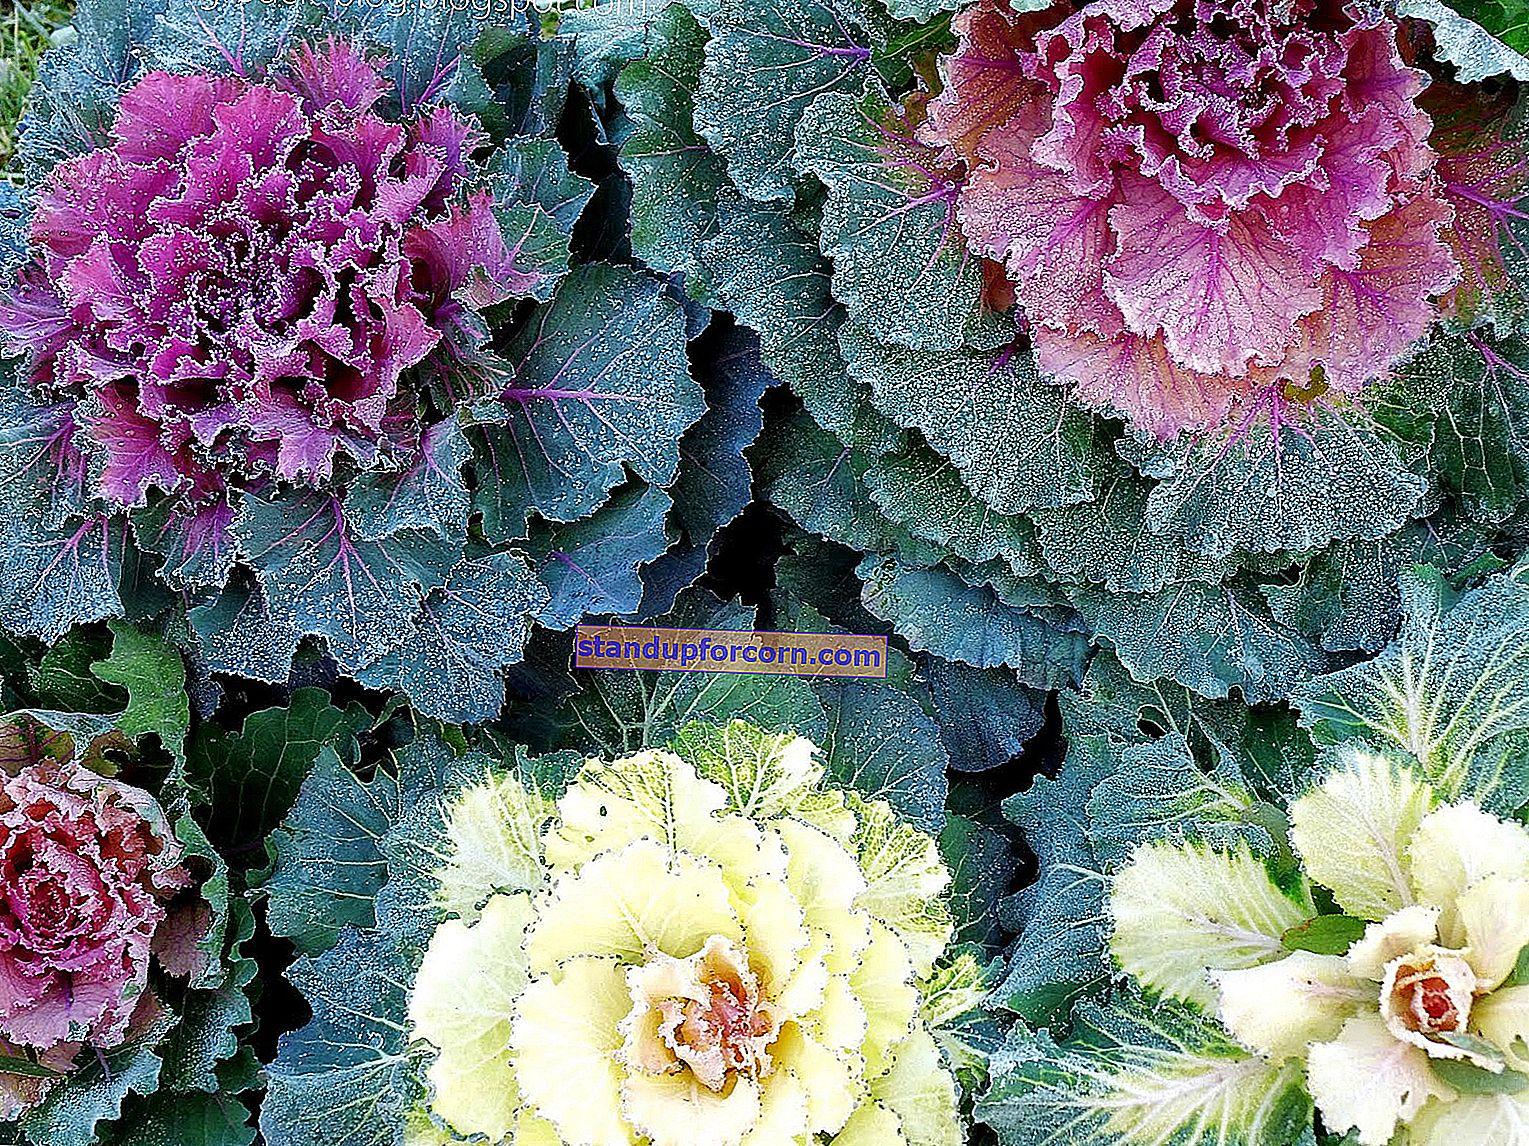 Dekoratívna kapusta. Pestovanie v záhrade a v kvetináči